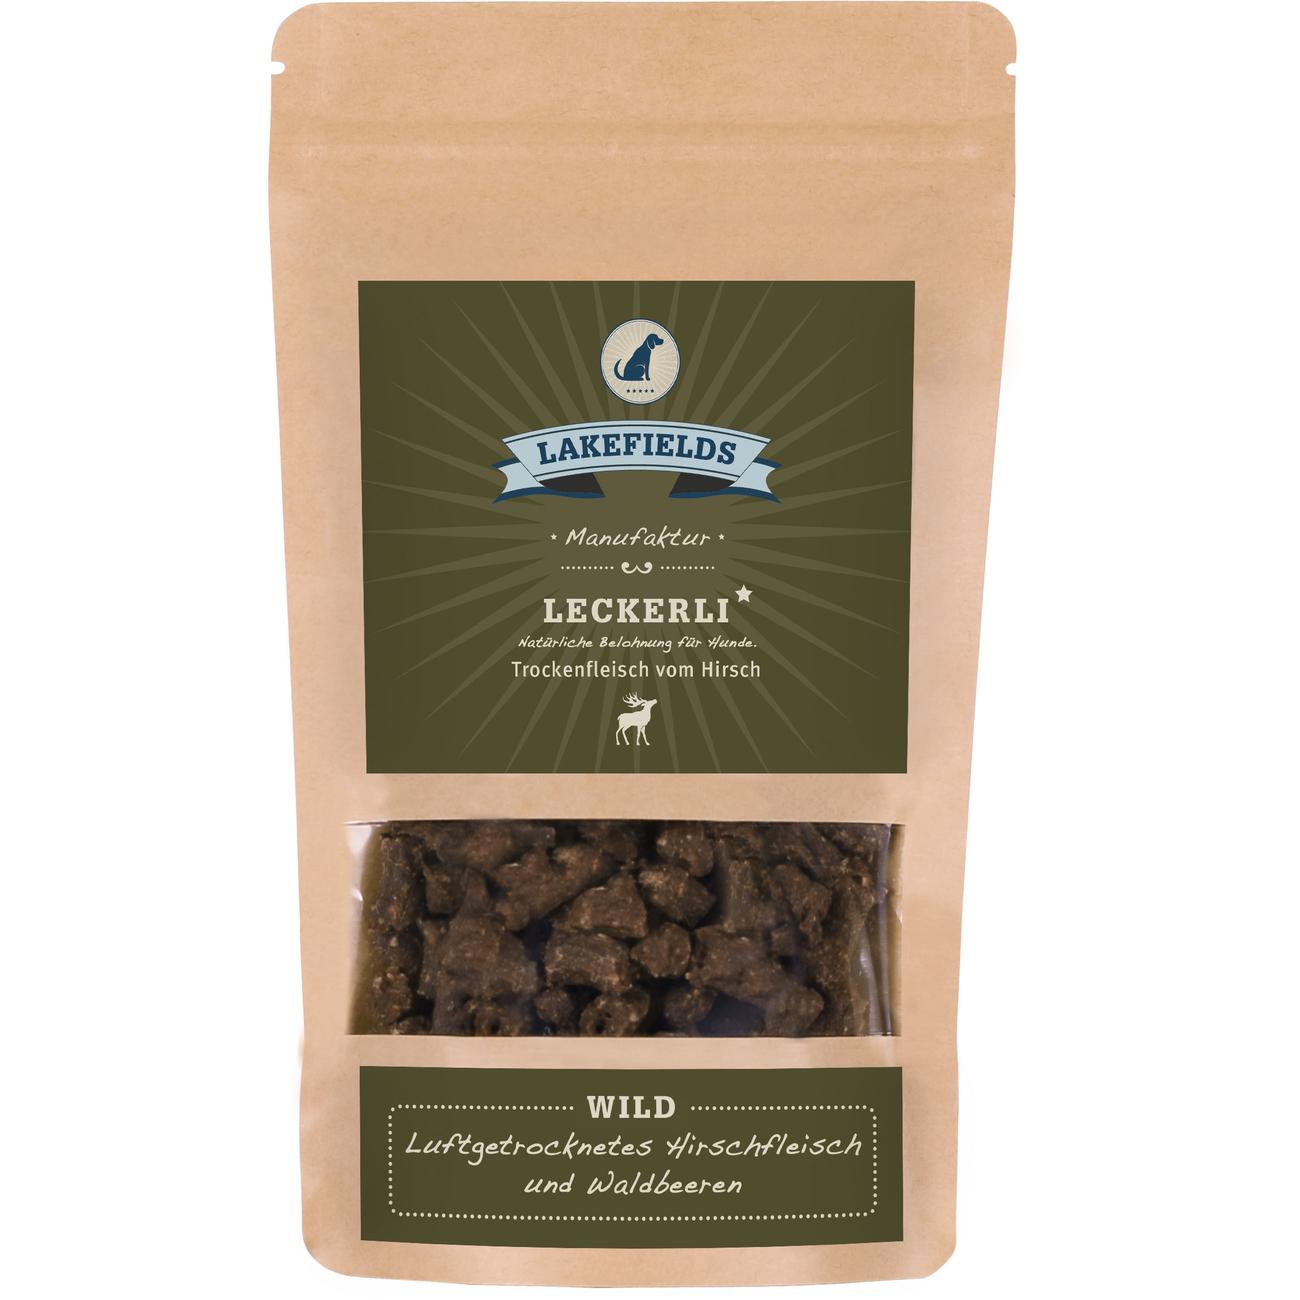 Lakefields Snacks Wild, 150 g